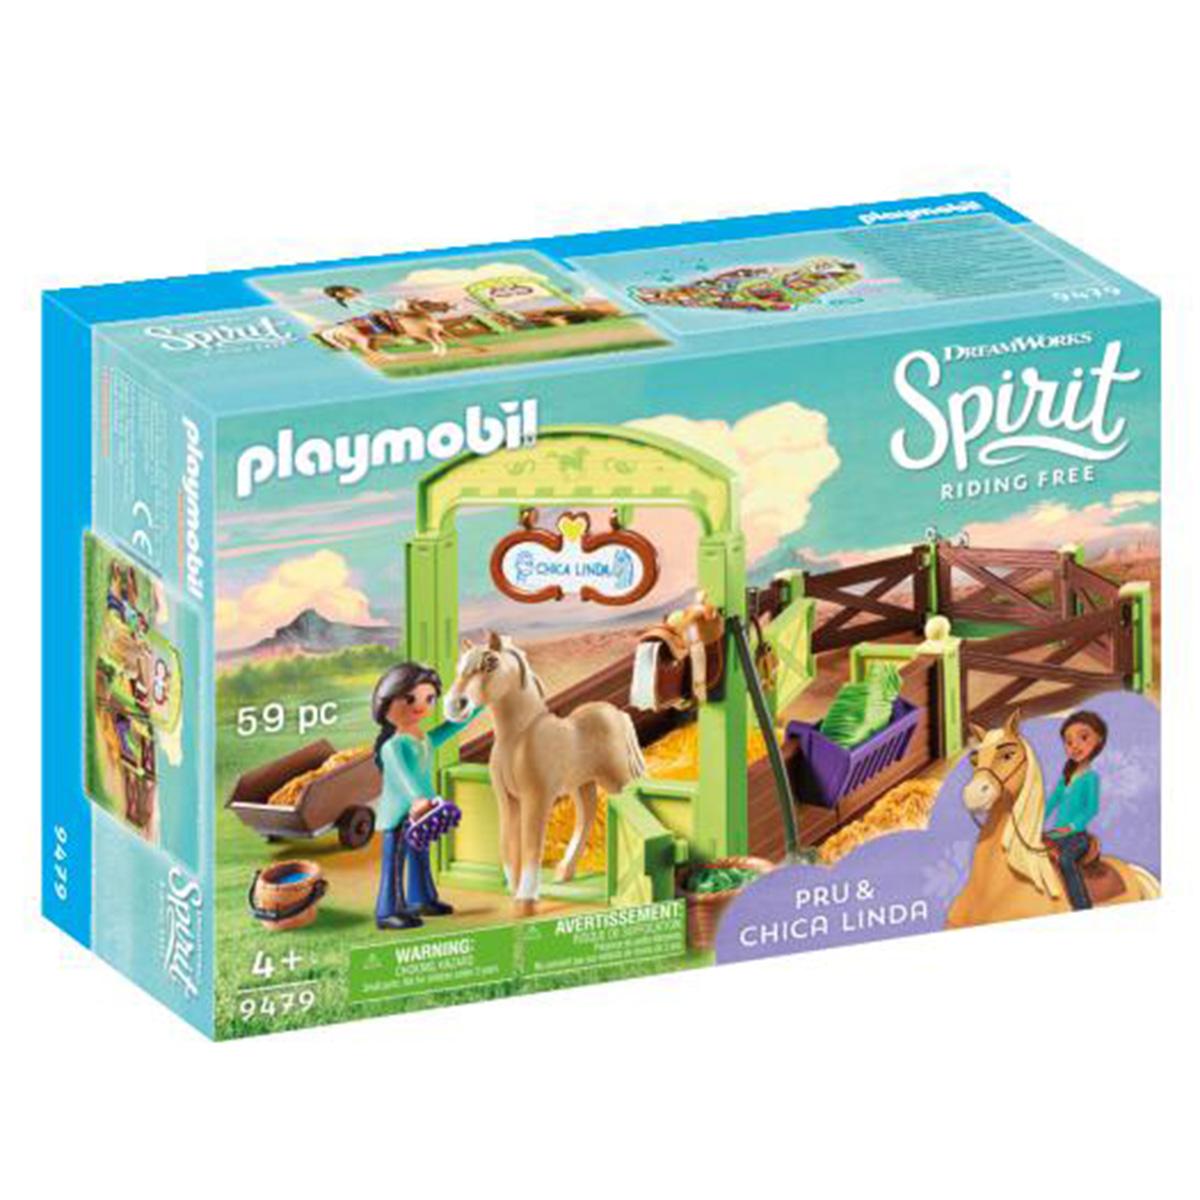 Billede af Playmobil Hesteboks Pru & Chica Linda